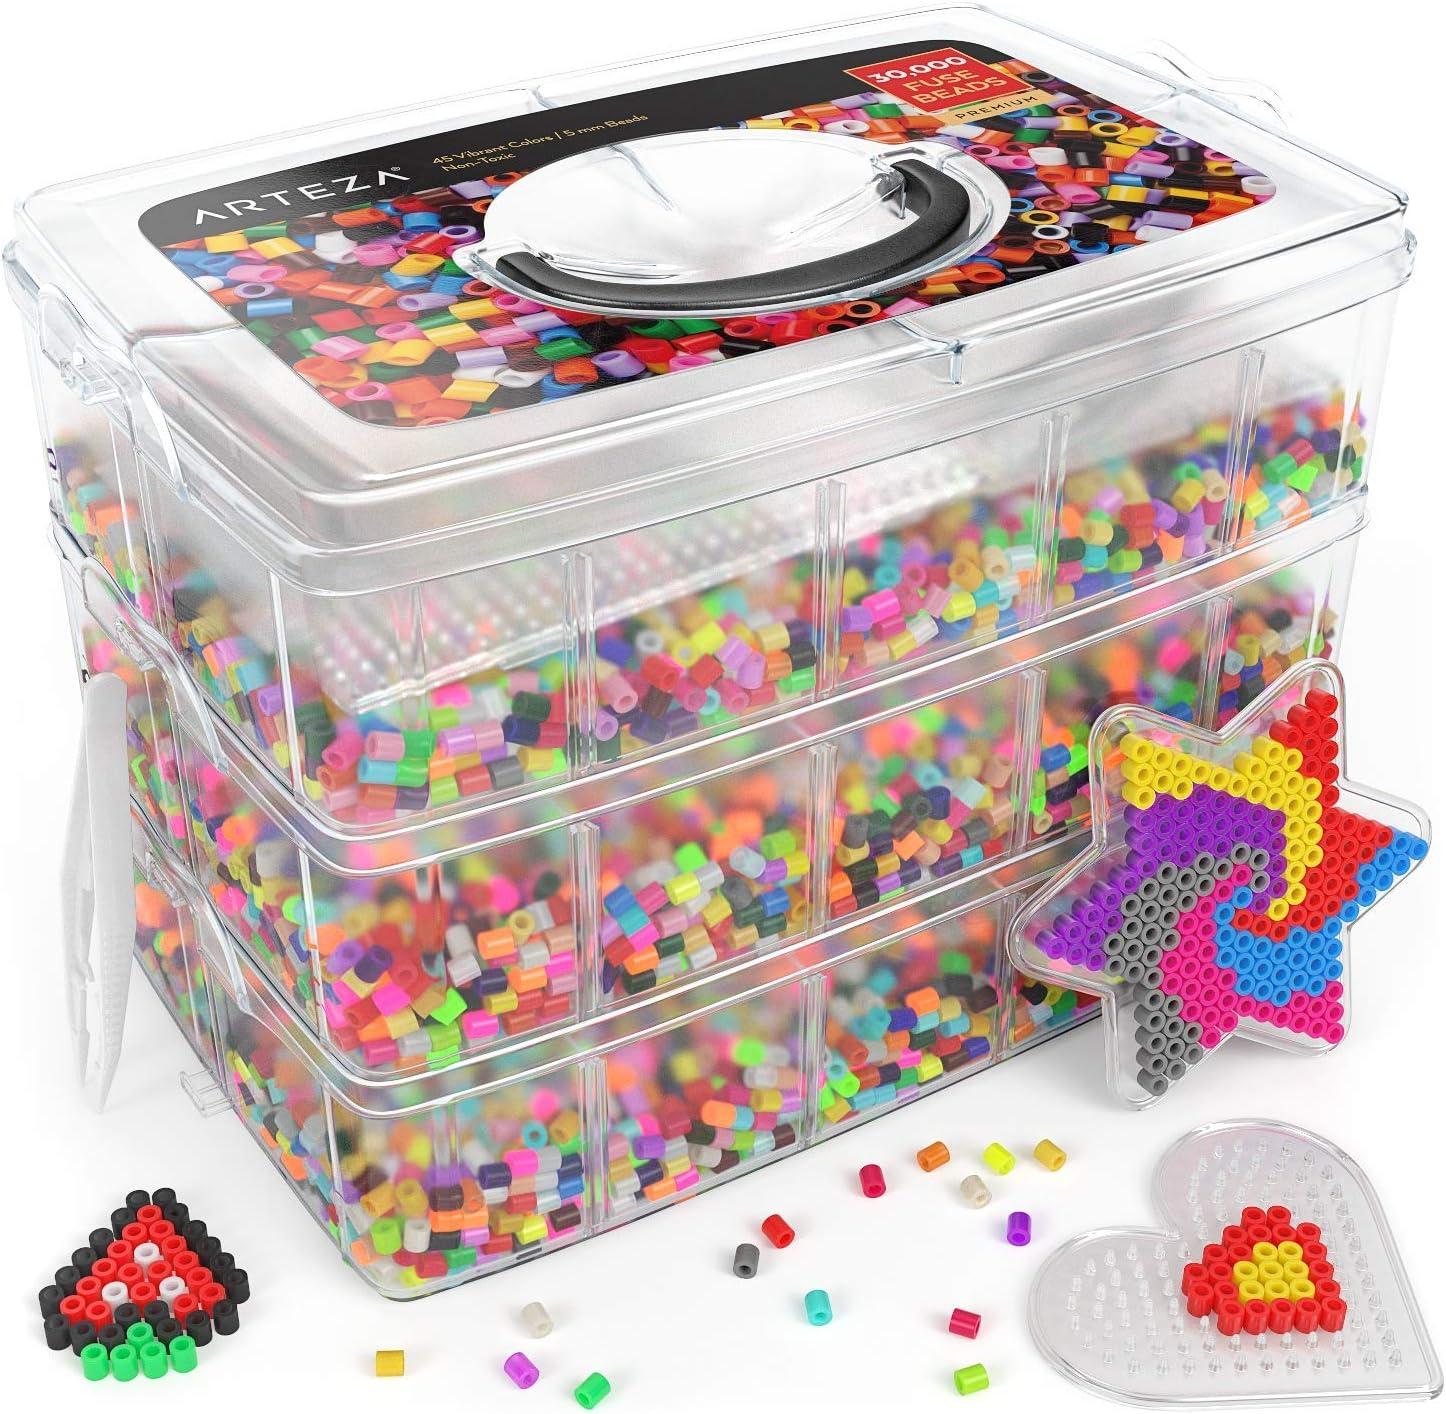 ARTEZA Cuentas y Abalorios hama Beads | 30.000 Cuentas para Planchar | 5 mm | 45 Colores | Neón y fosforescente | 5 Plantillas + 2 Pinzas + 5 Papeles de Planchar | para mosaicos Infantiles: Amazon.es: Juguetes y juegos